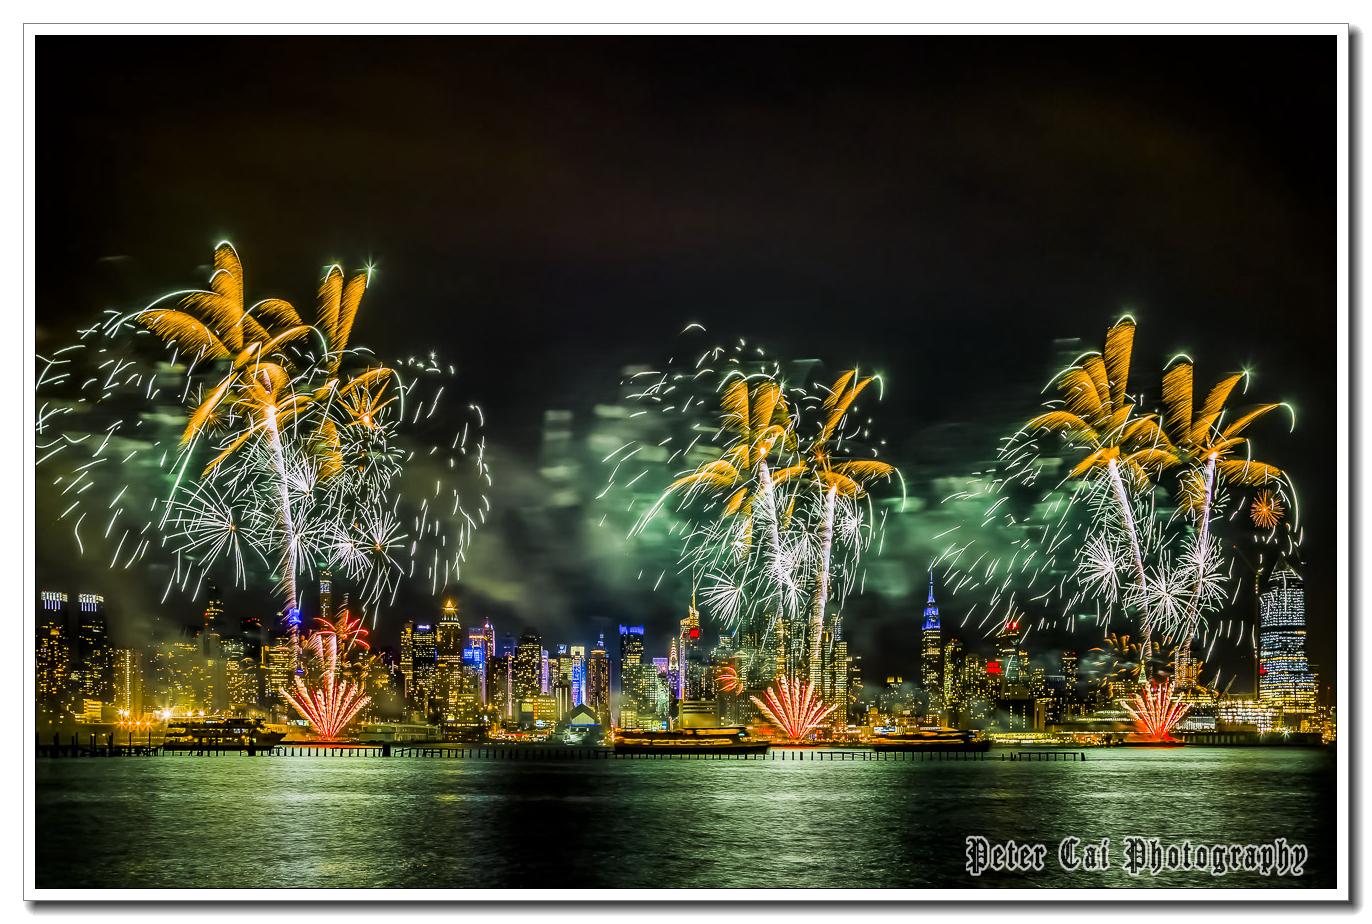 昨晚纽约施放焰火来庆祝中国猴年_图1-8